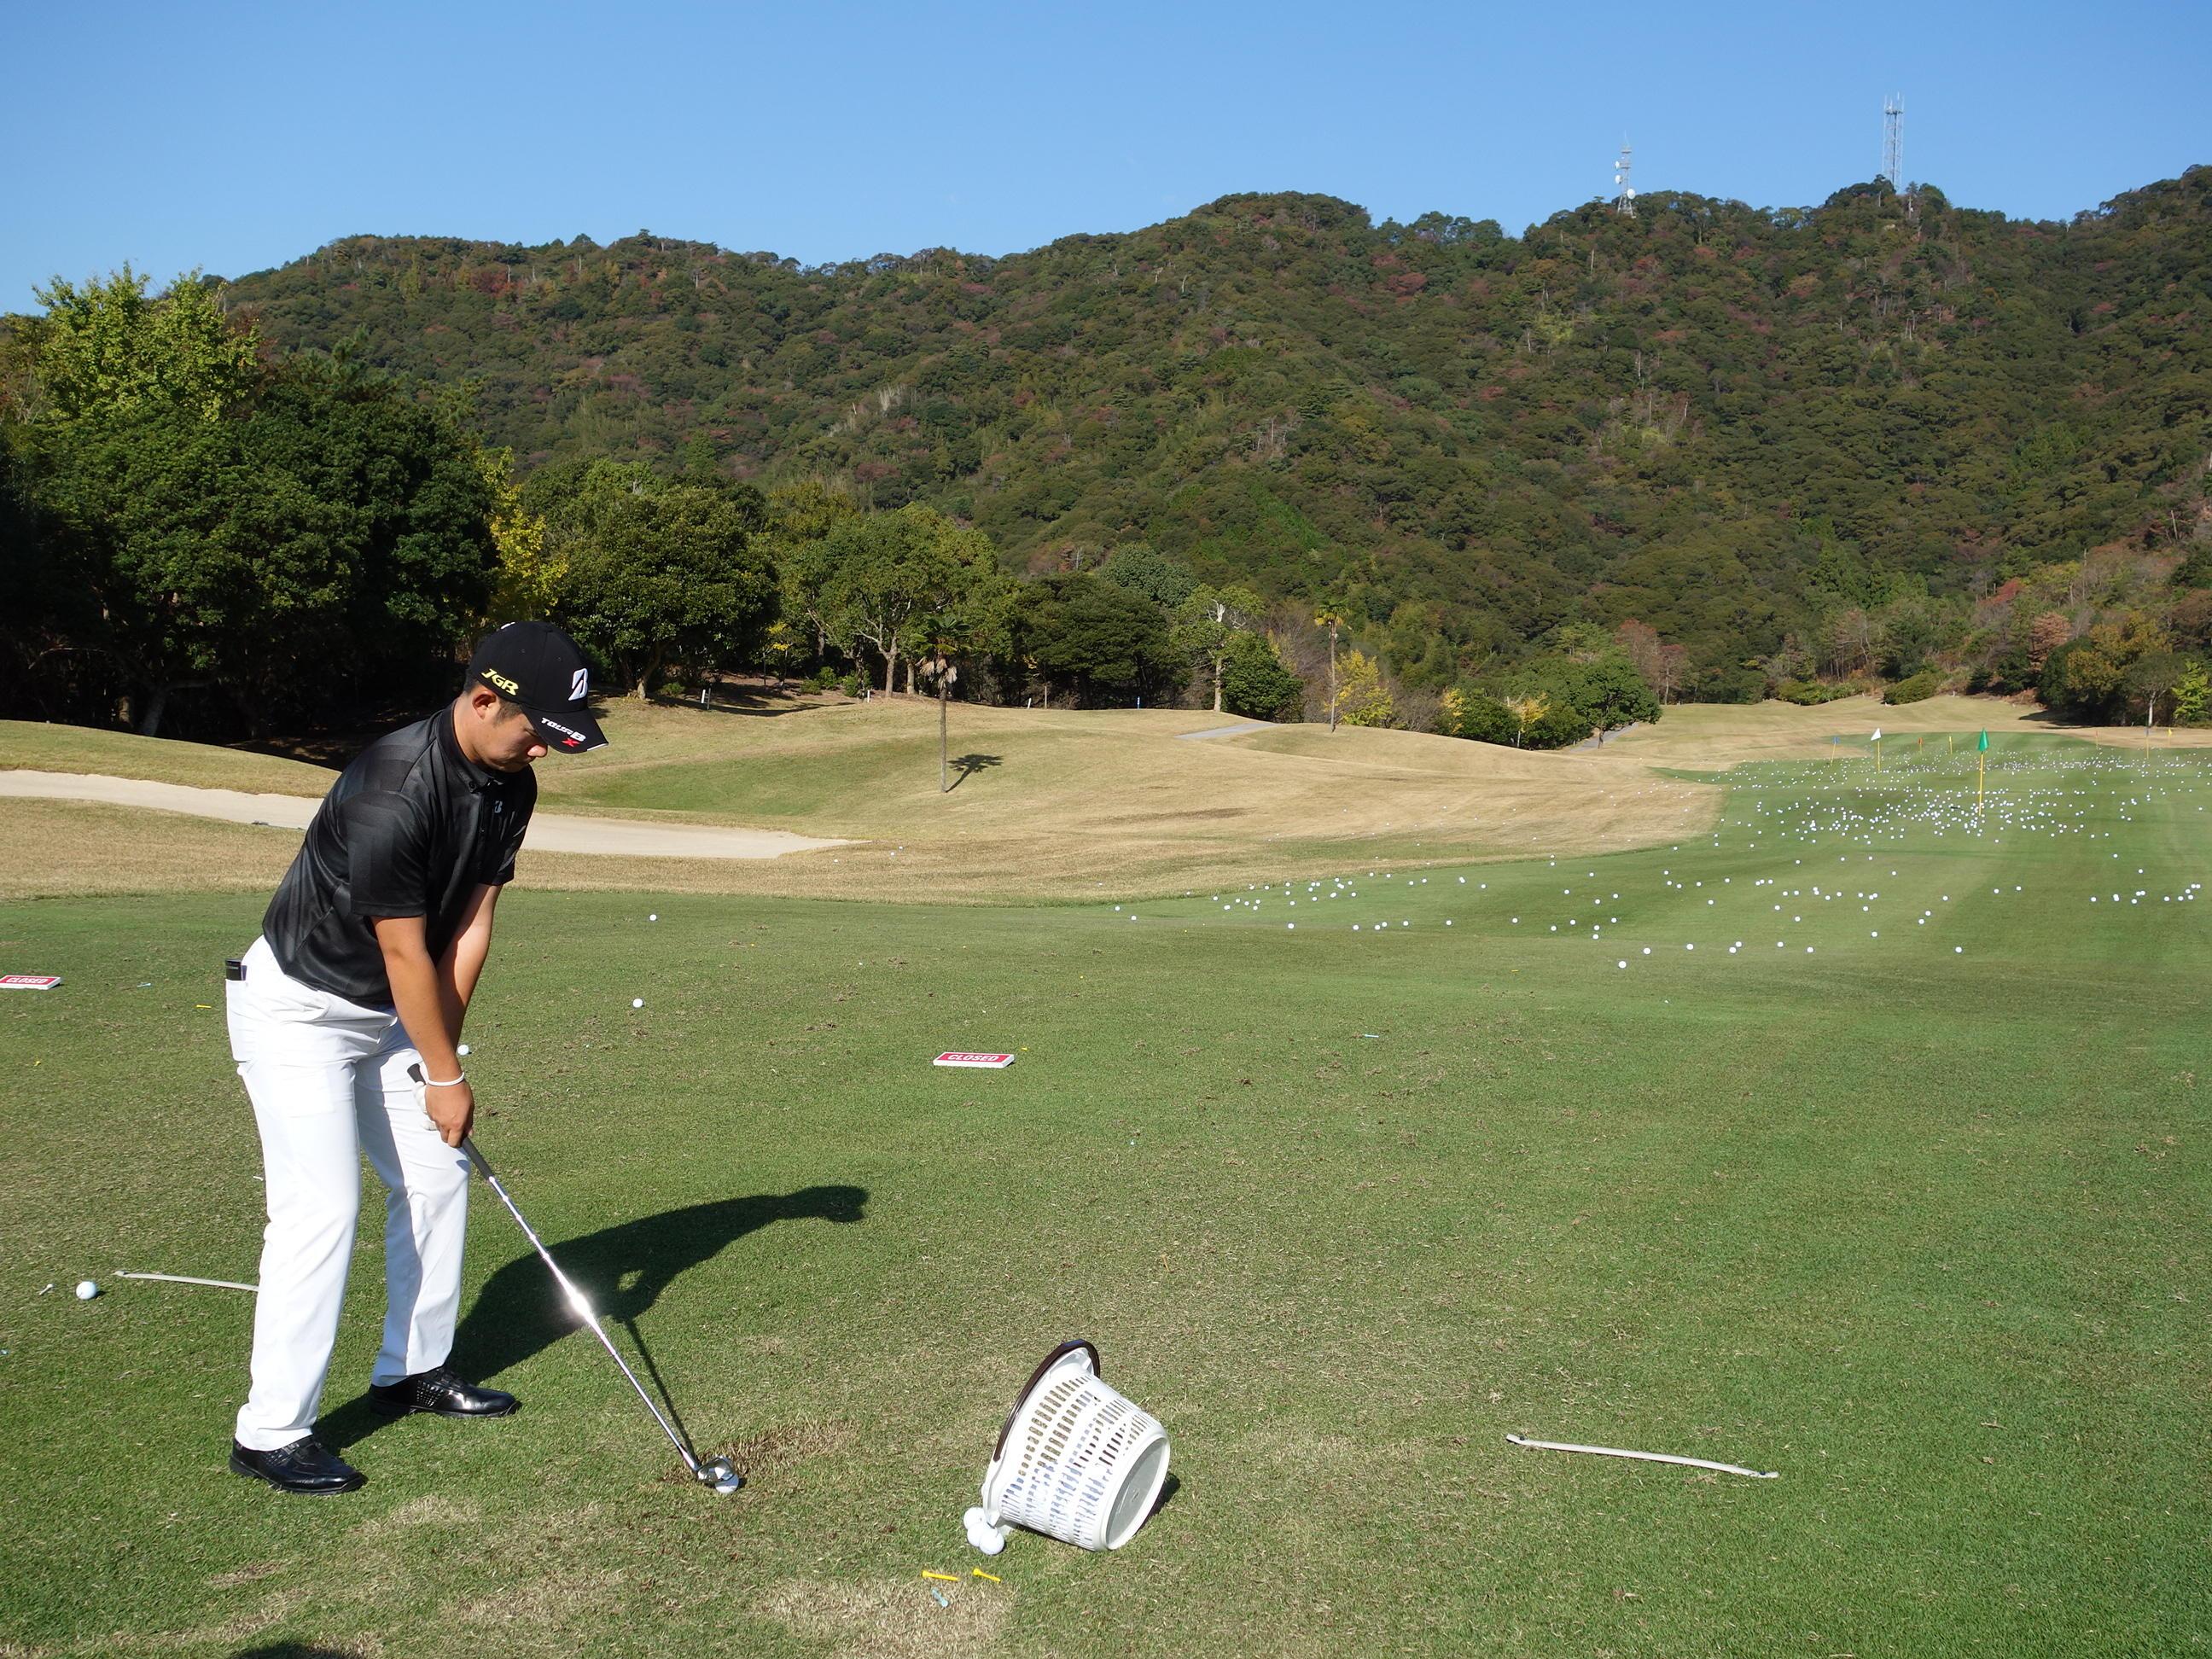 http://www.bs-golf.com/pro/690f1dedad38fb4094e0891483f1b2ff892b60b1.JPG